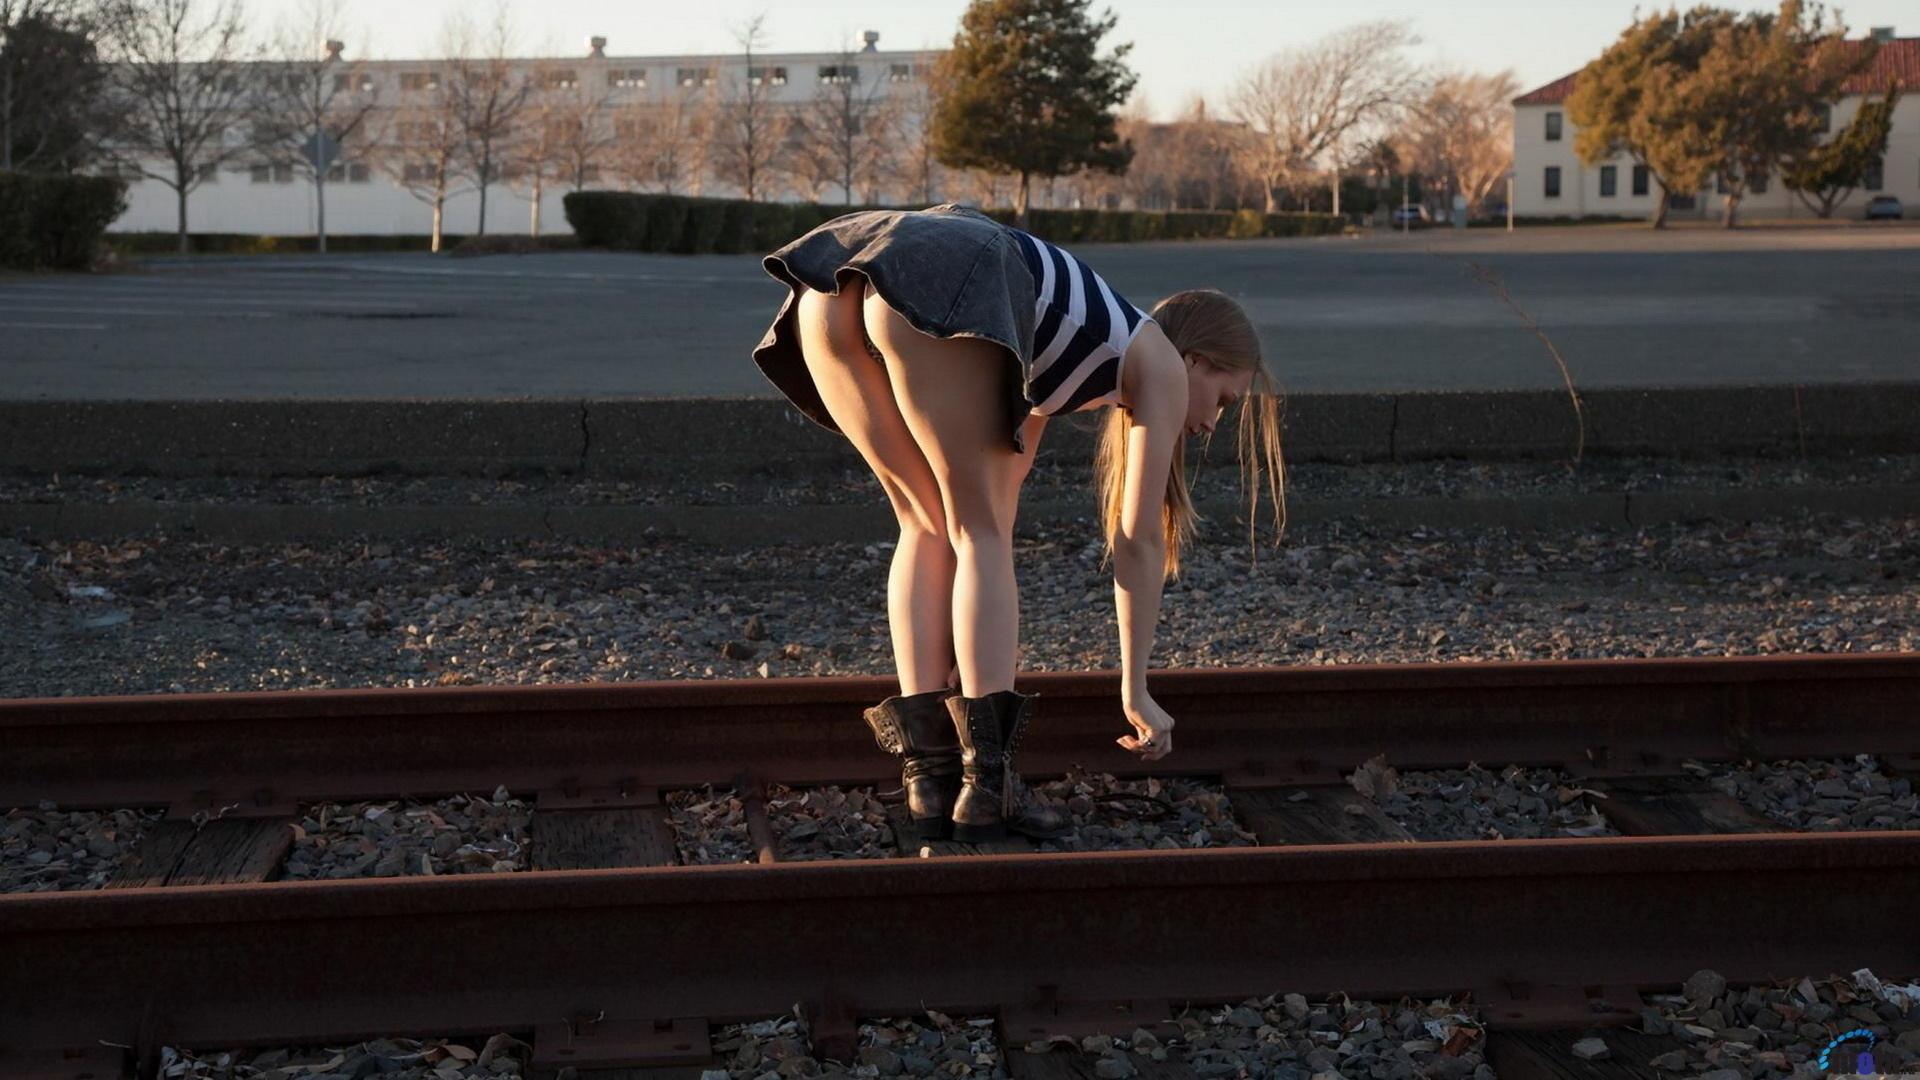 Фото девушки которая нагнулась в мини юбке 4 фотография